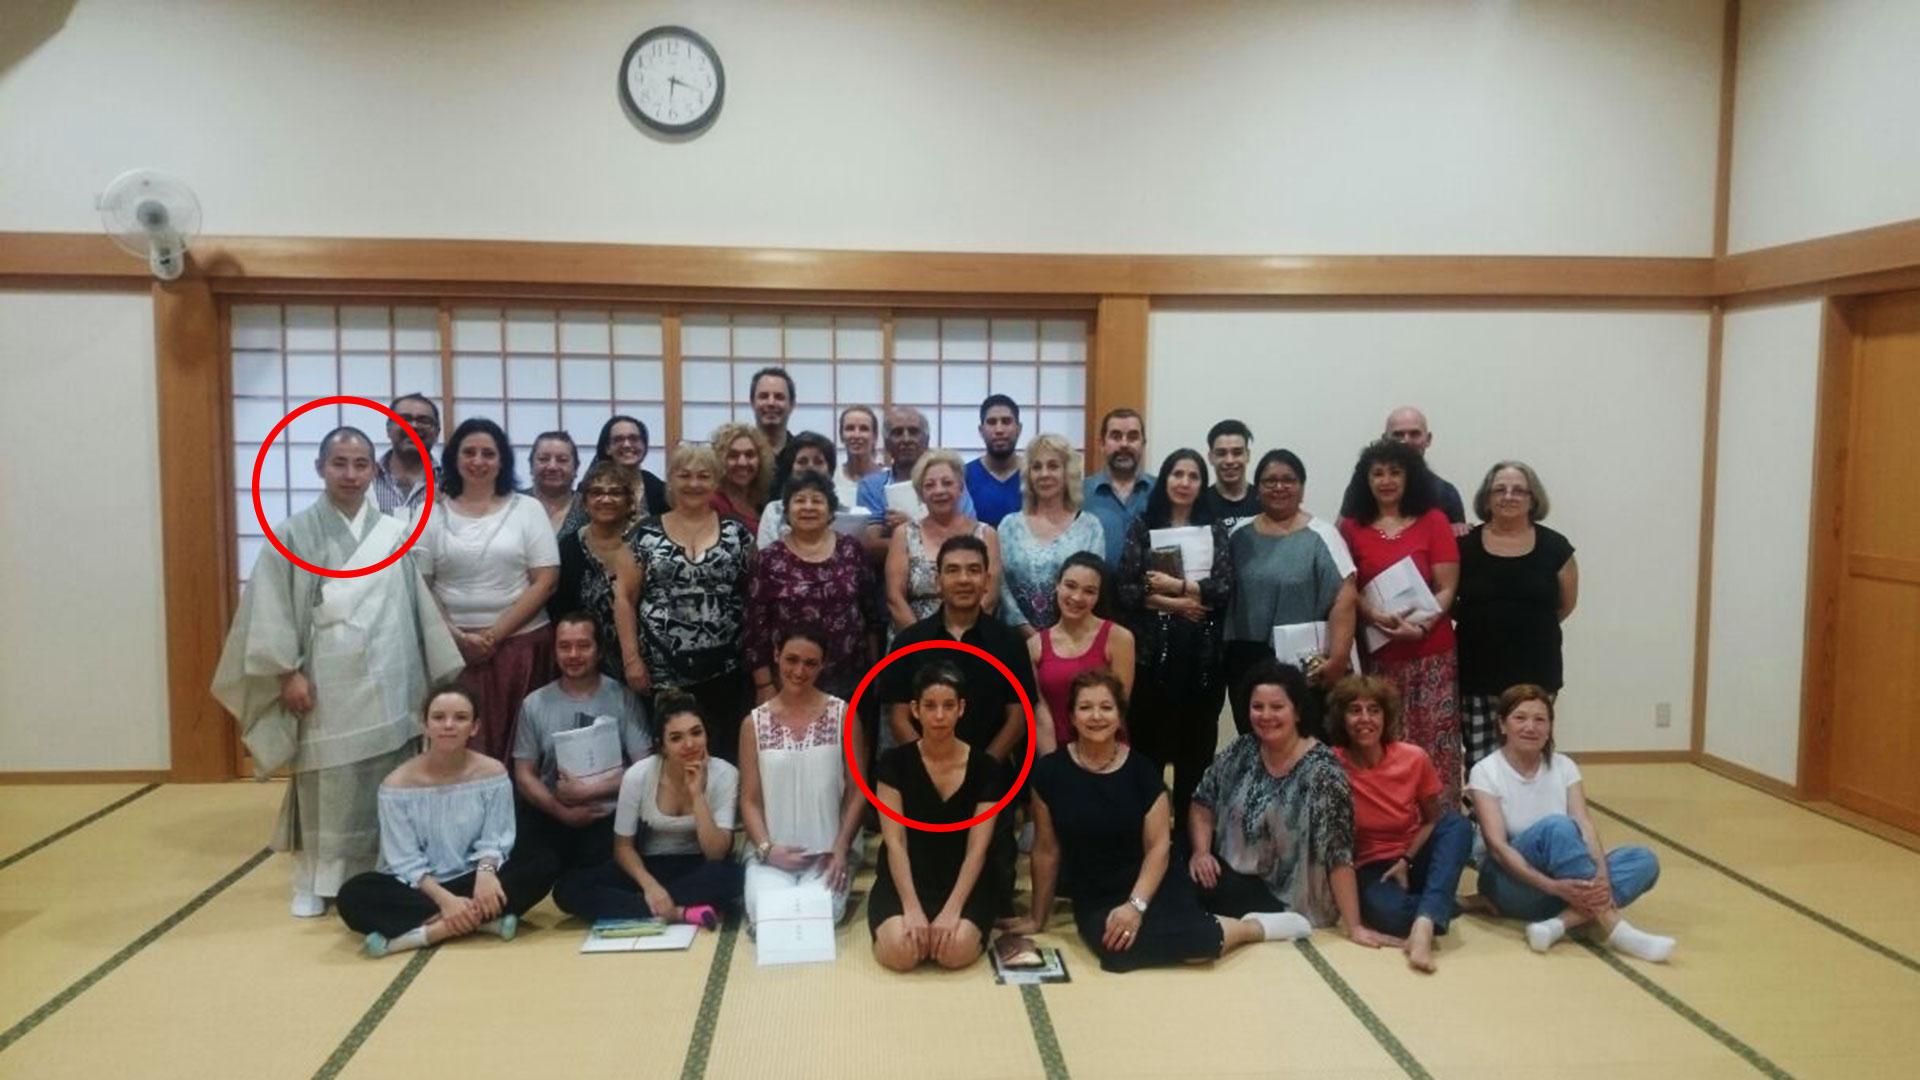 Foto grupal de Nichiren Shoshu en Flores: Cecilia y el sacerdote, en círculos rojos.